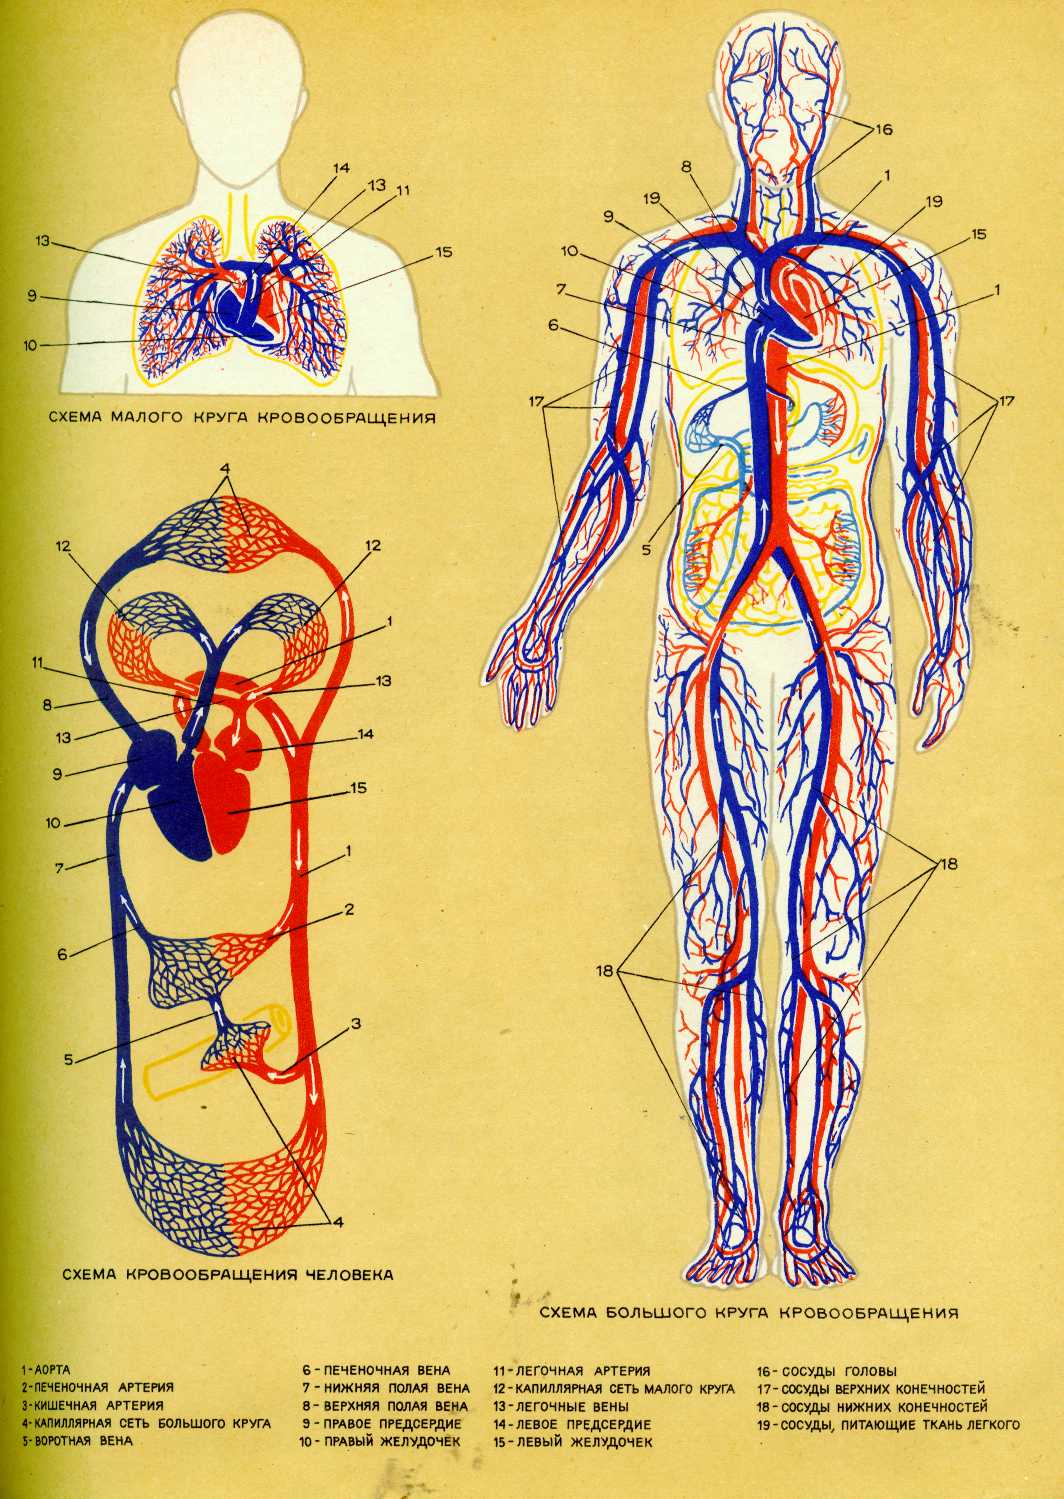 Большой круг кровообращения - Картинка 14289-20 Схема кругов кровообращения человека картинки